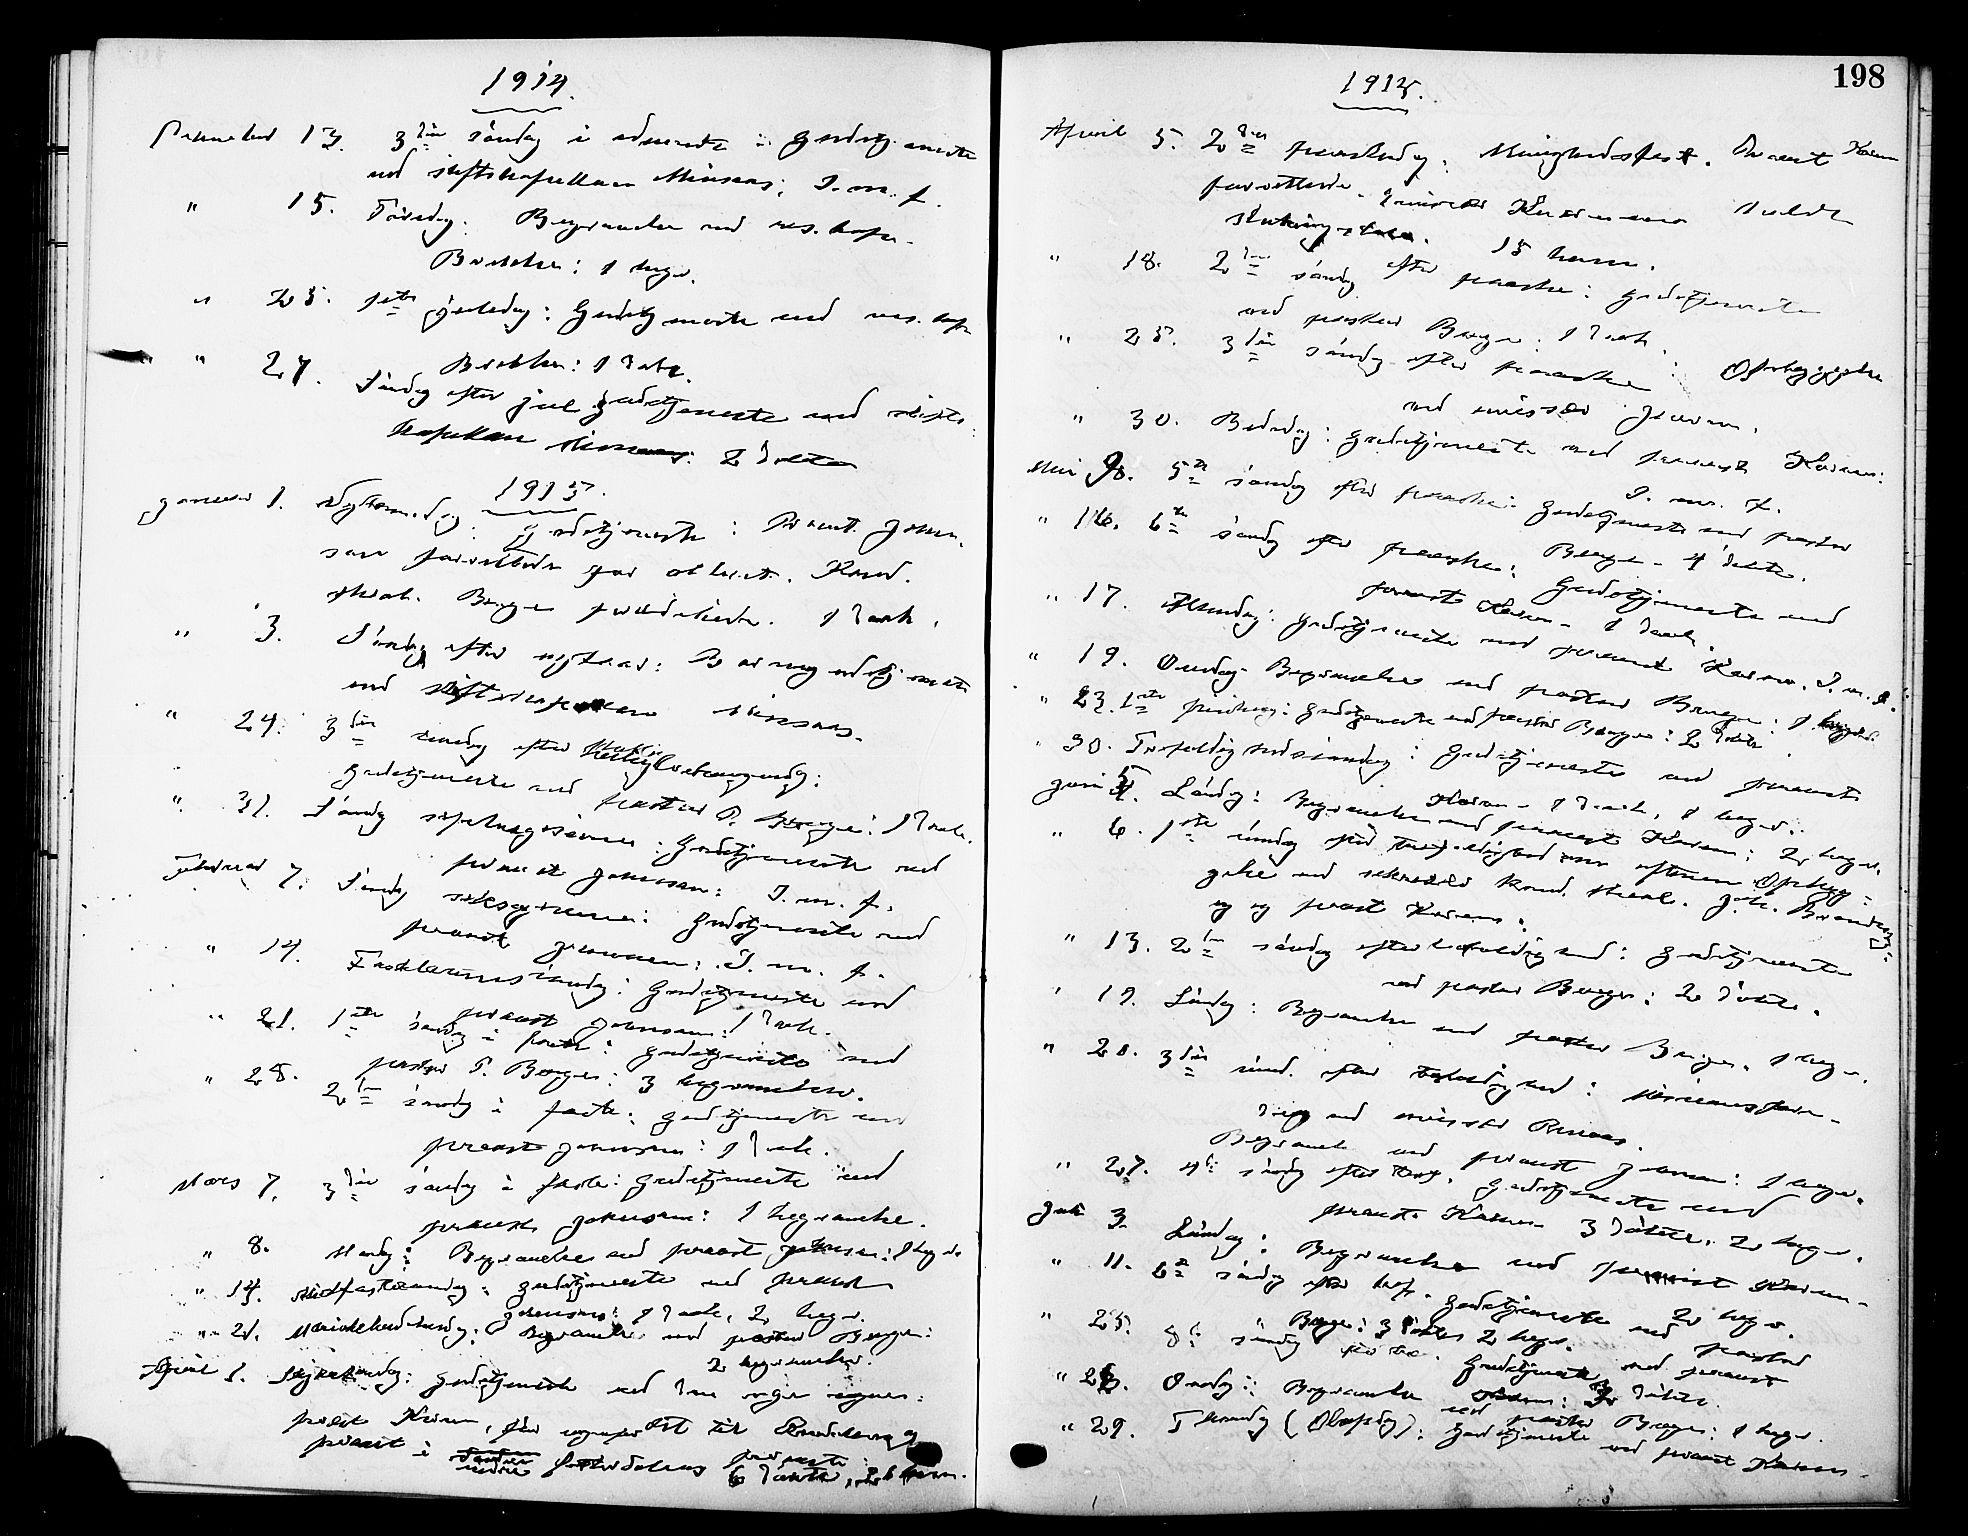 SAT, Ministerialprotokoller, klokkerbøker og fødselsregistre - Sør-Trøndelag, 669/L0831: Klokkerbok nr. 669C01, 1909-1924, s. 198